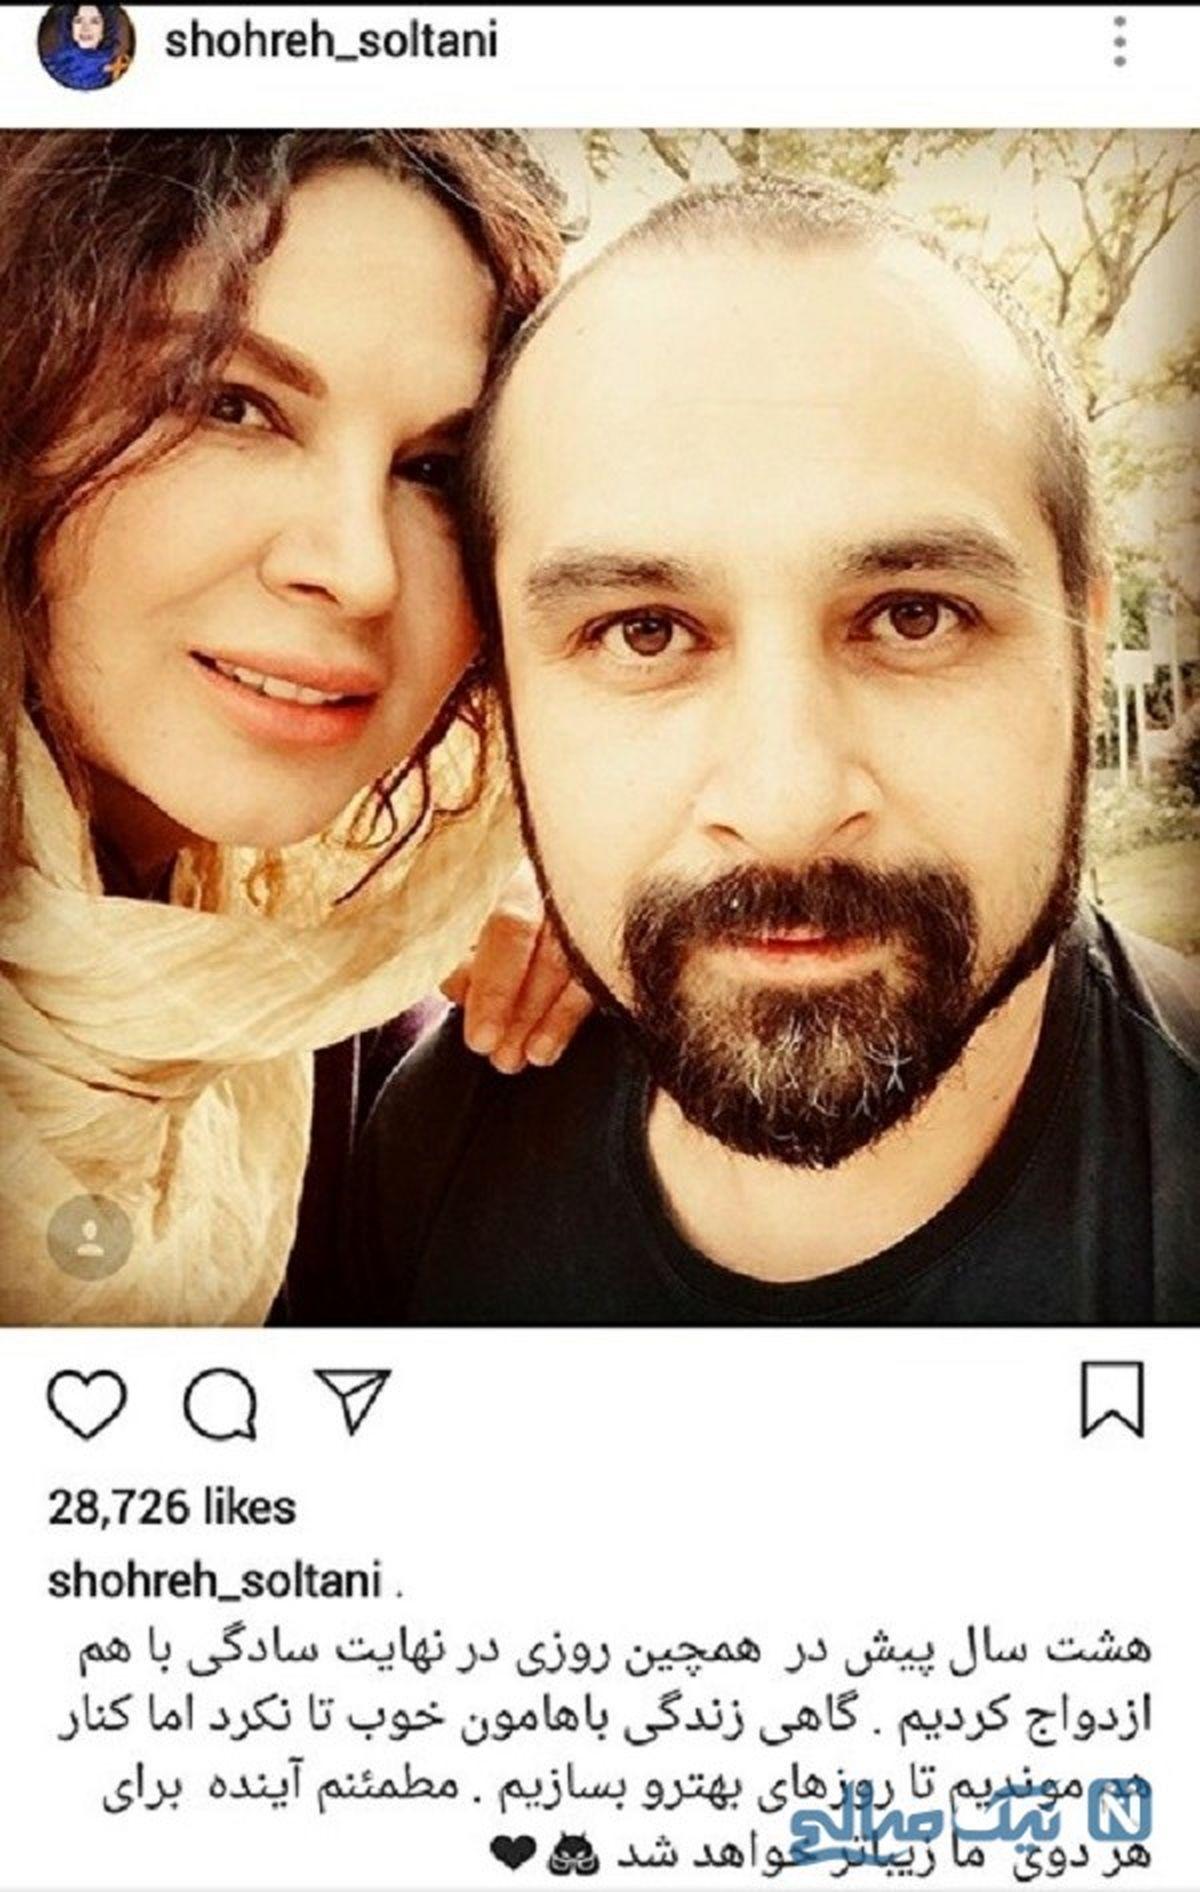 شهره سلطانی در آغوش همسرش + عکس